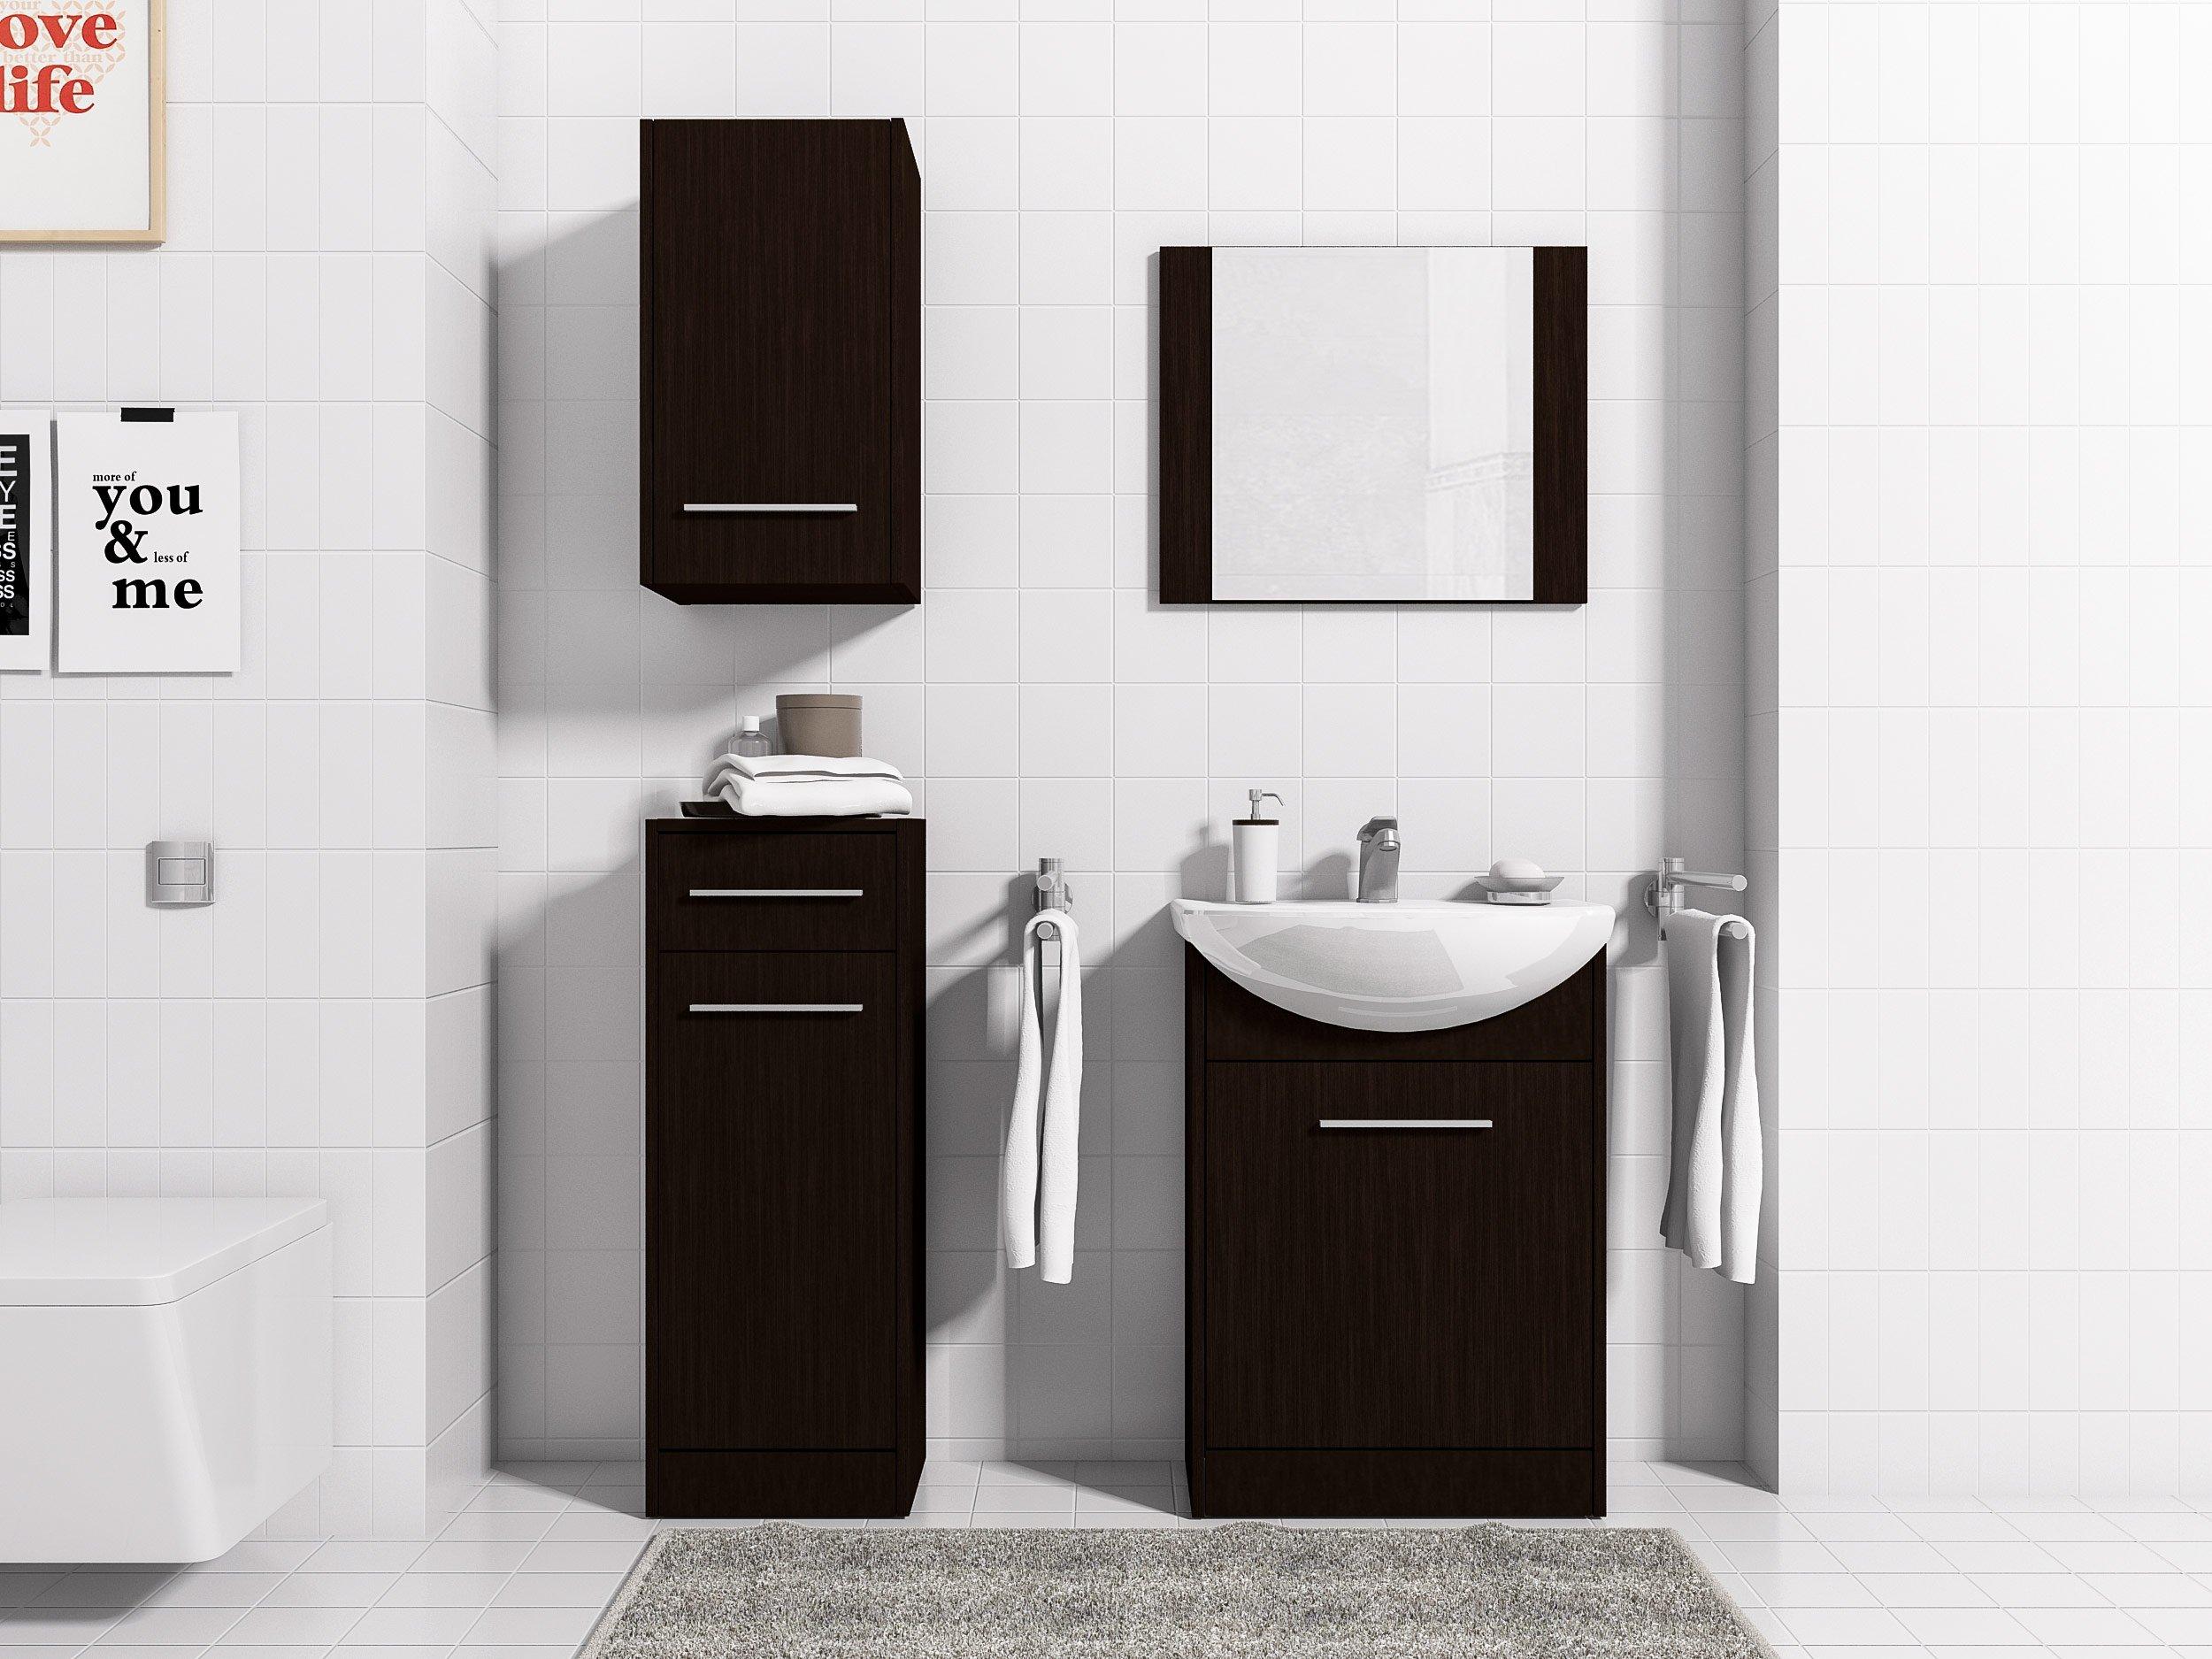 Nábytok pre kúpeľňa NIKO 1 zásuvky a zrkadlo MEBLINE